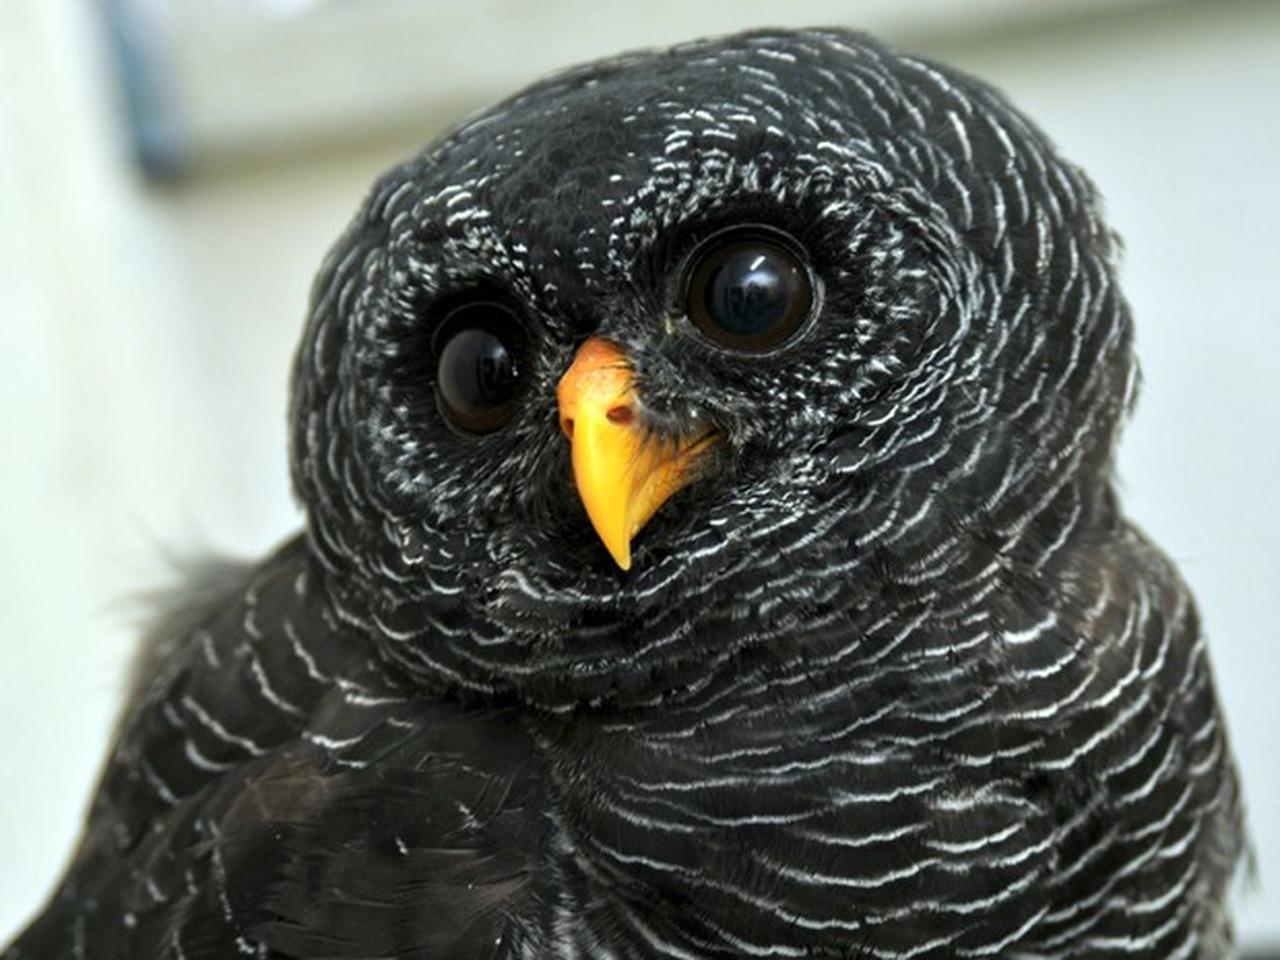 Coruja-preta de perto